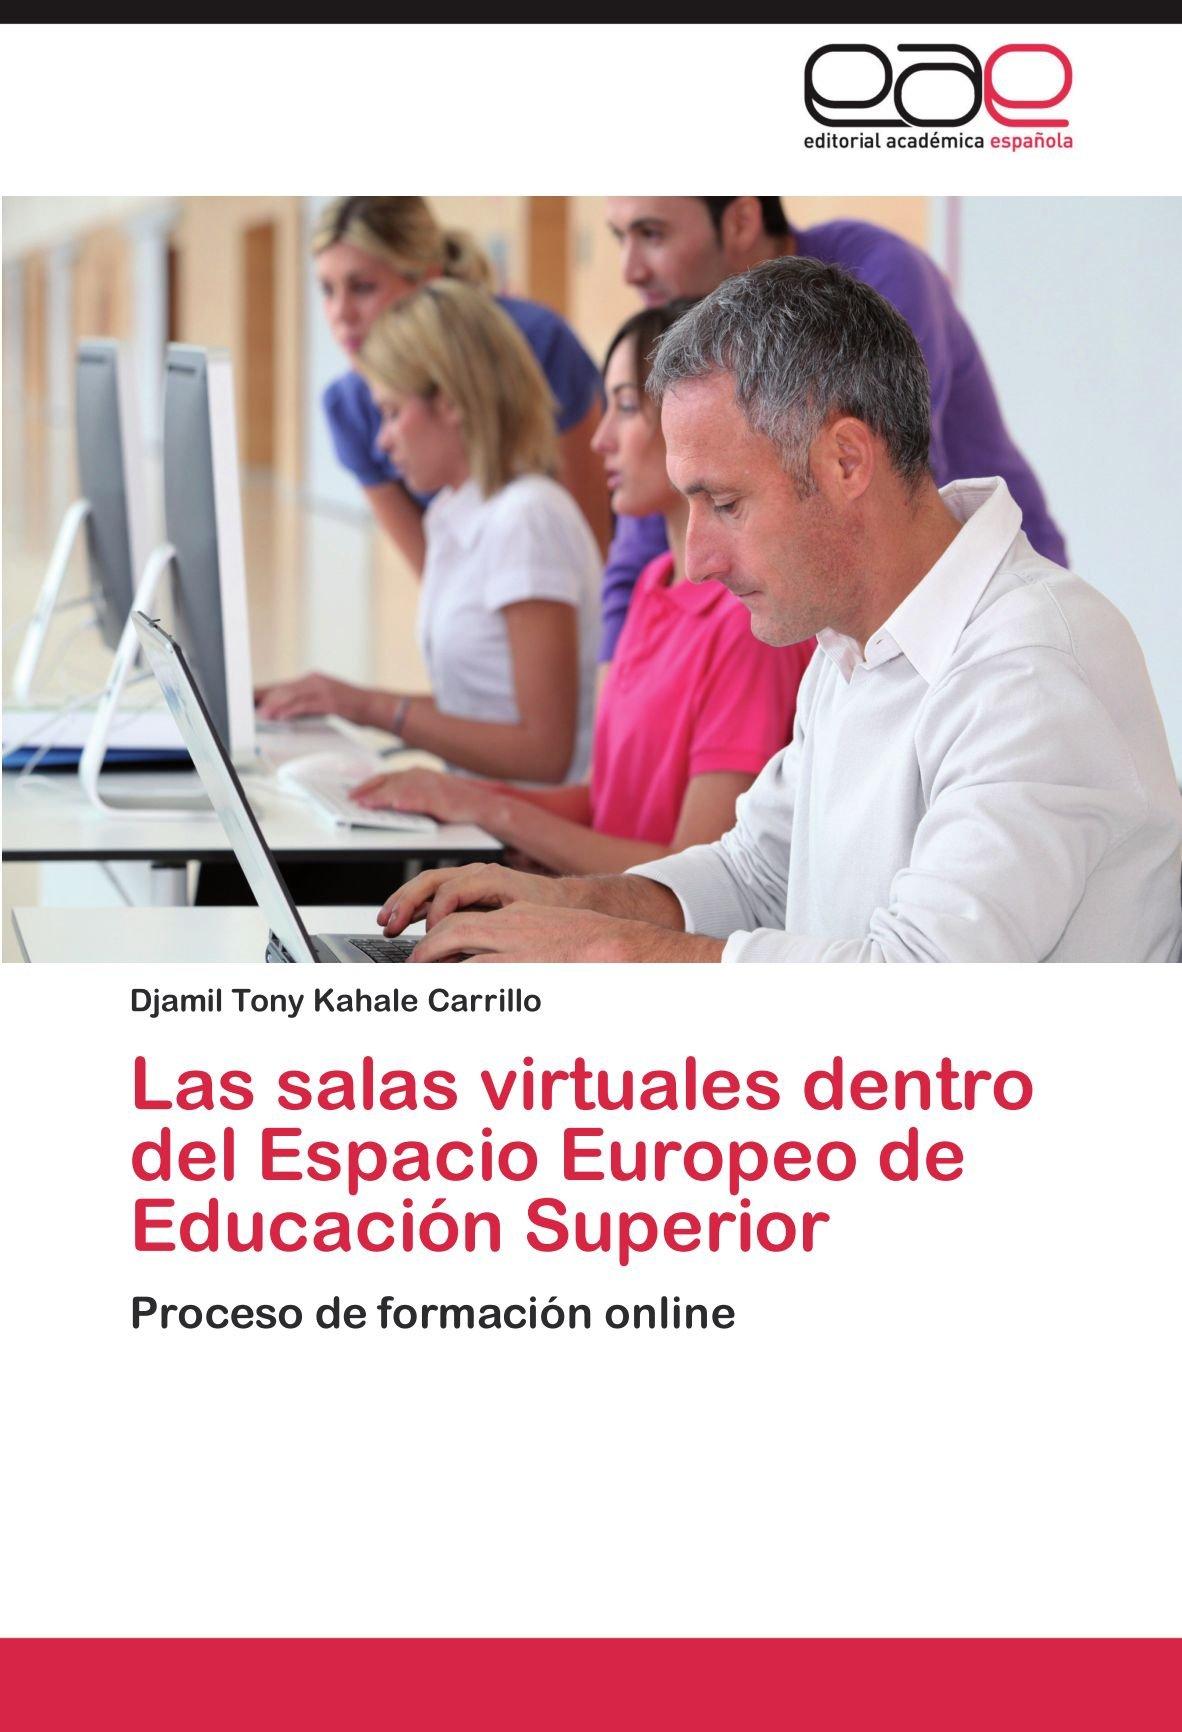 Las salas virtuales dentro del Espacio Europeo de Educación Superior: Proceso de formación online (Spanish Edition): Djamil Tony Kahale Carrillo: ...